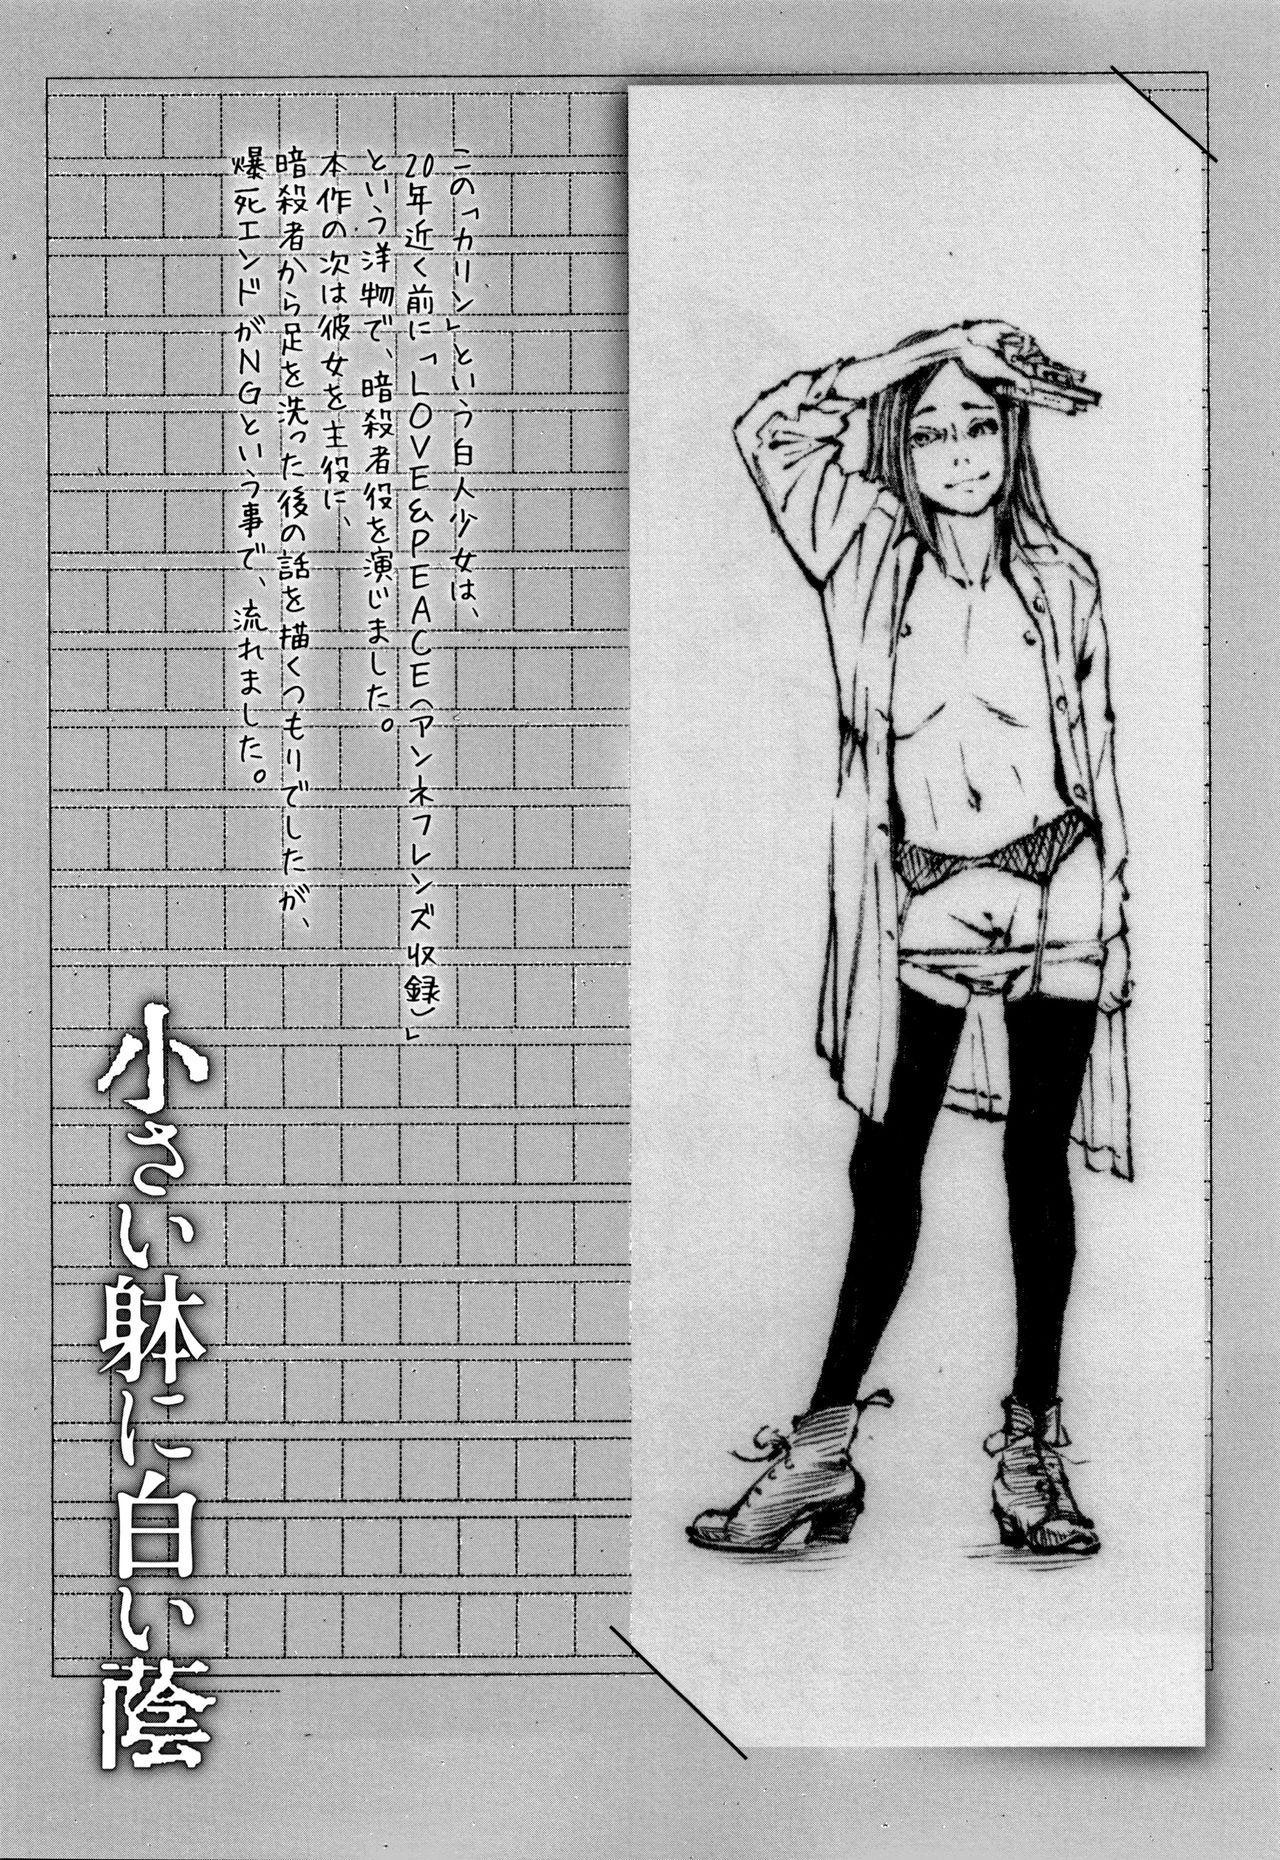 Chiisai Karada ni Shiroi Kage 150